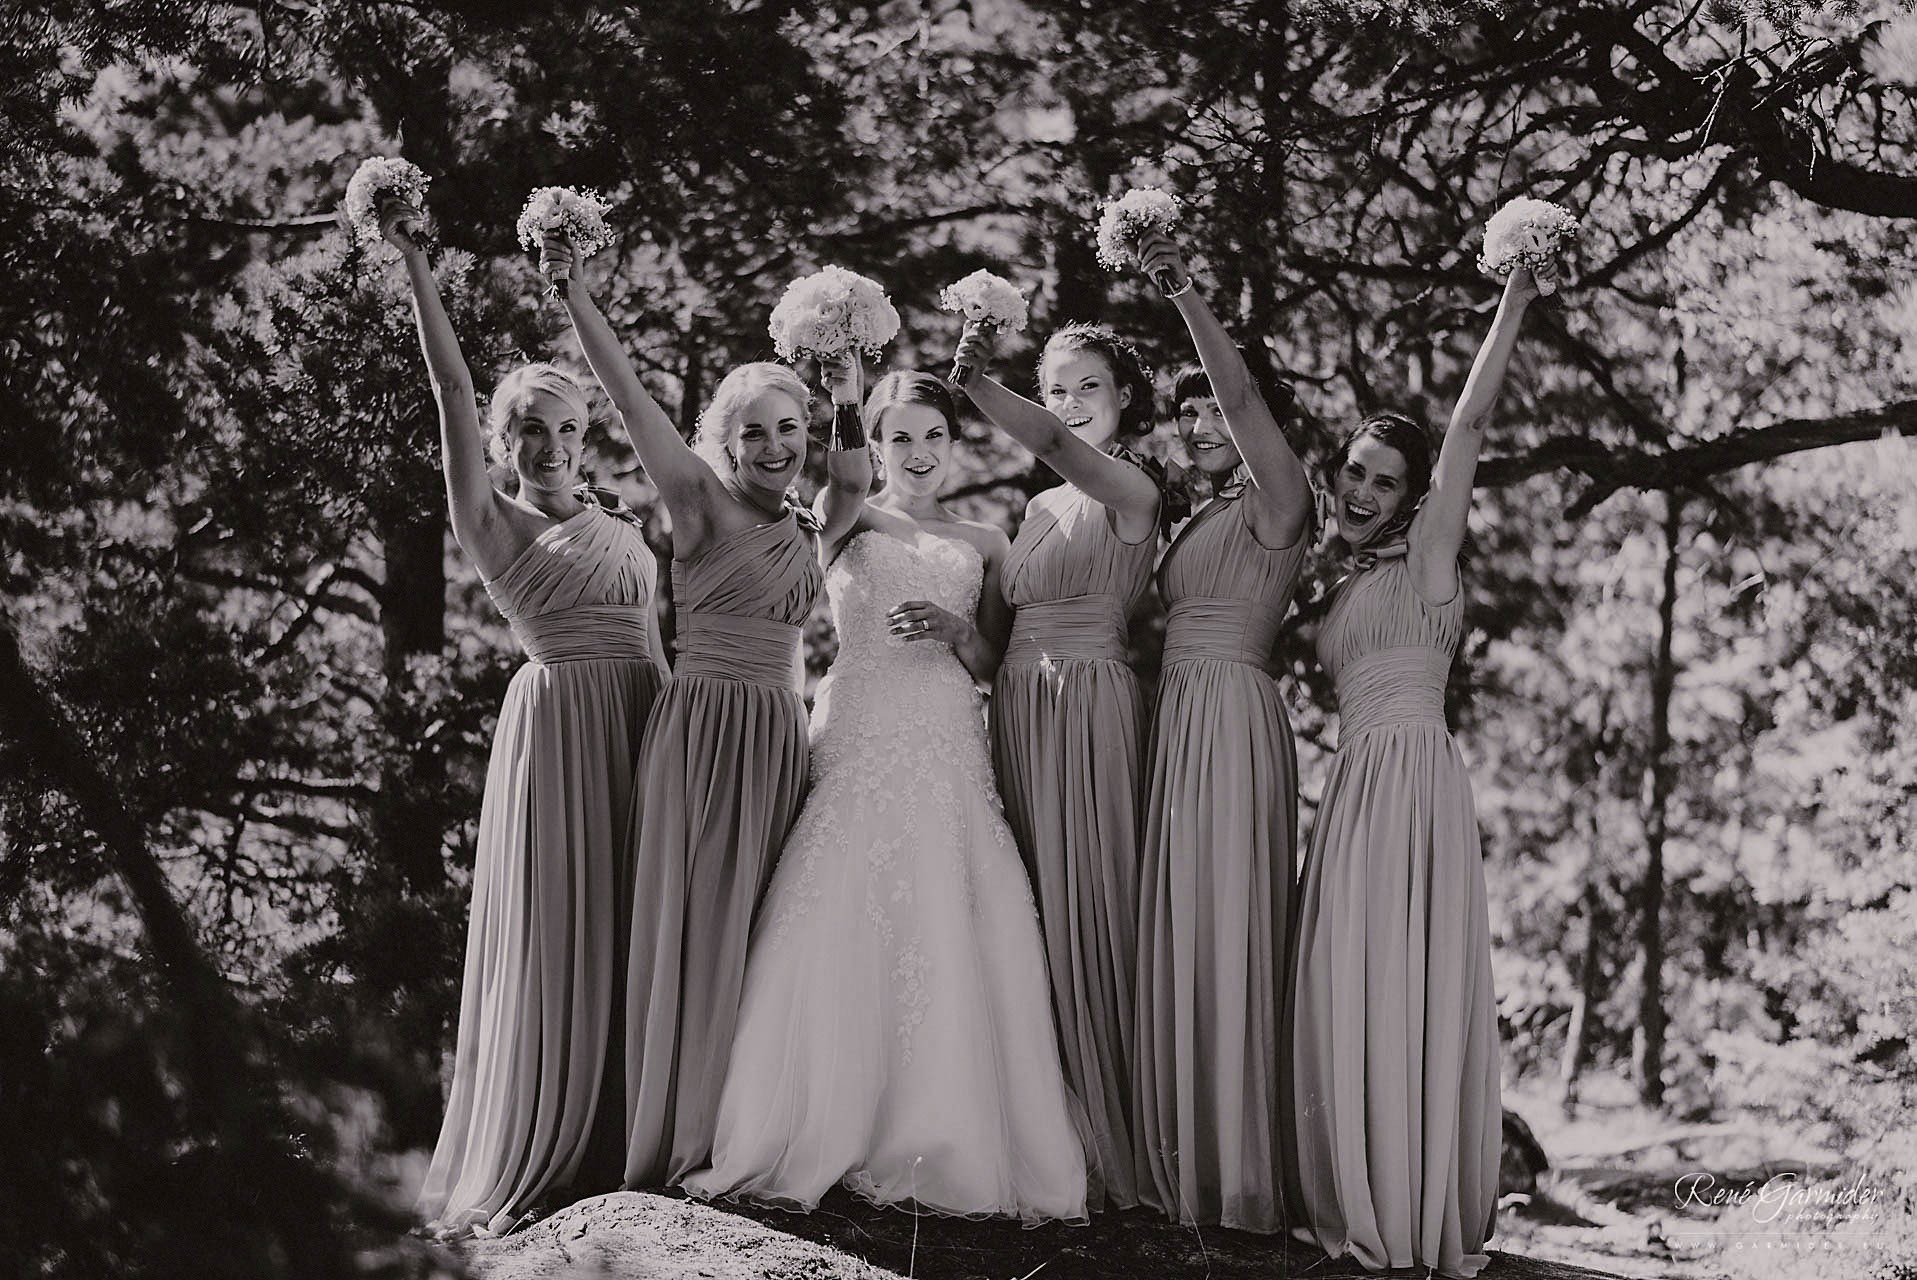 destination-wedding-photography-finland-miljookuvaus-haakuvaus-haakuvaaja-leena-juri-25